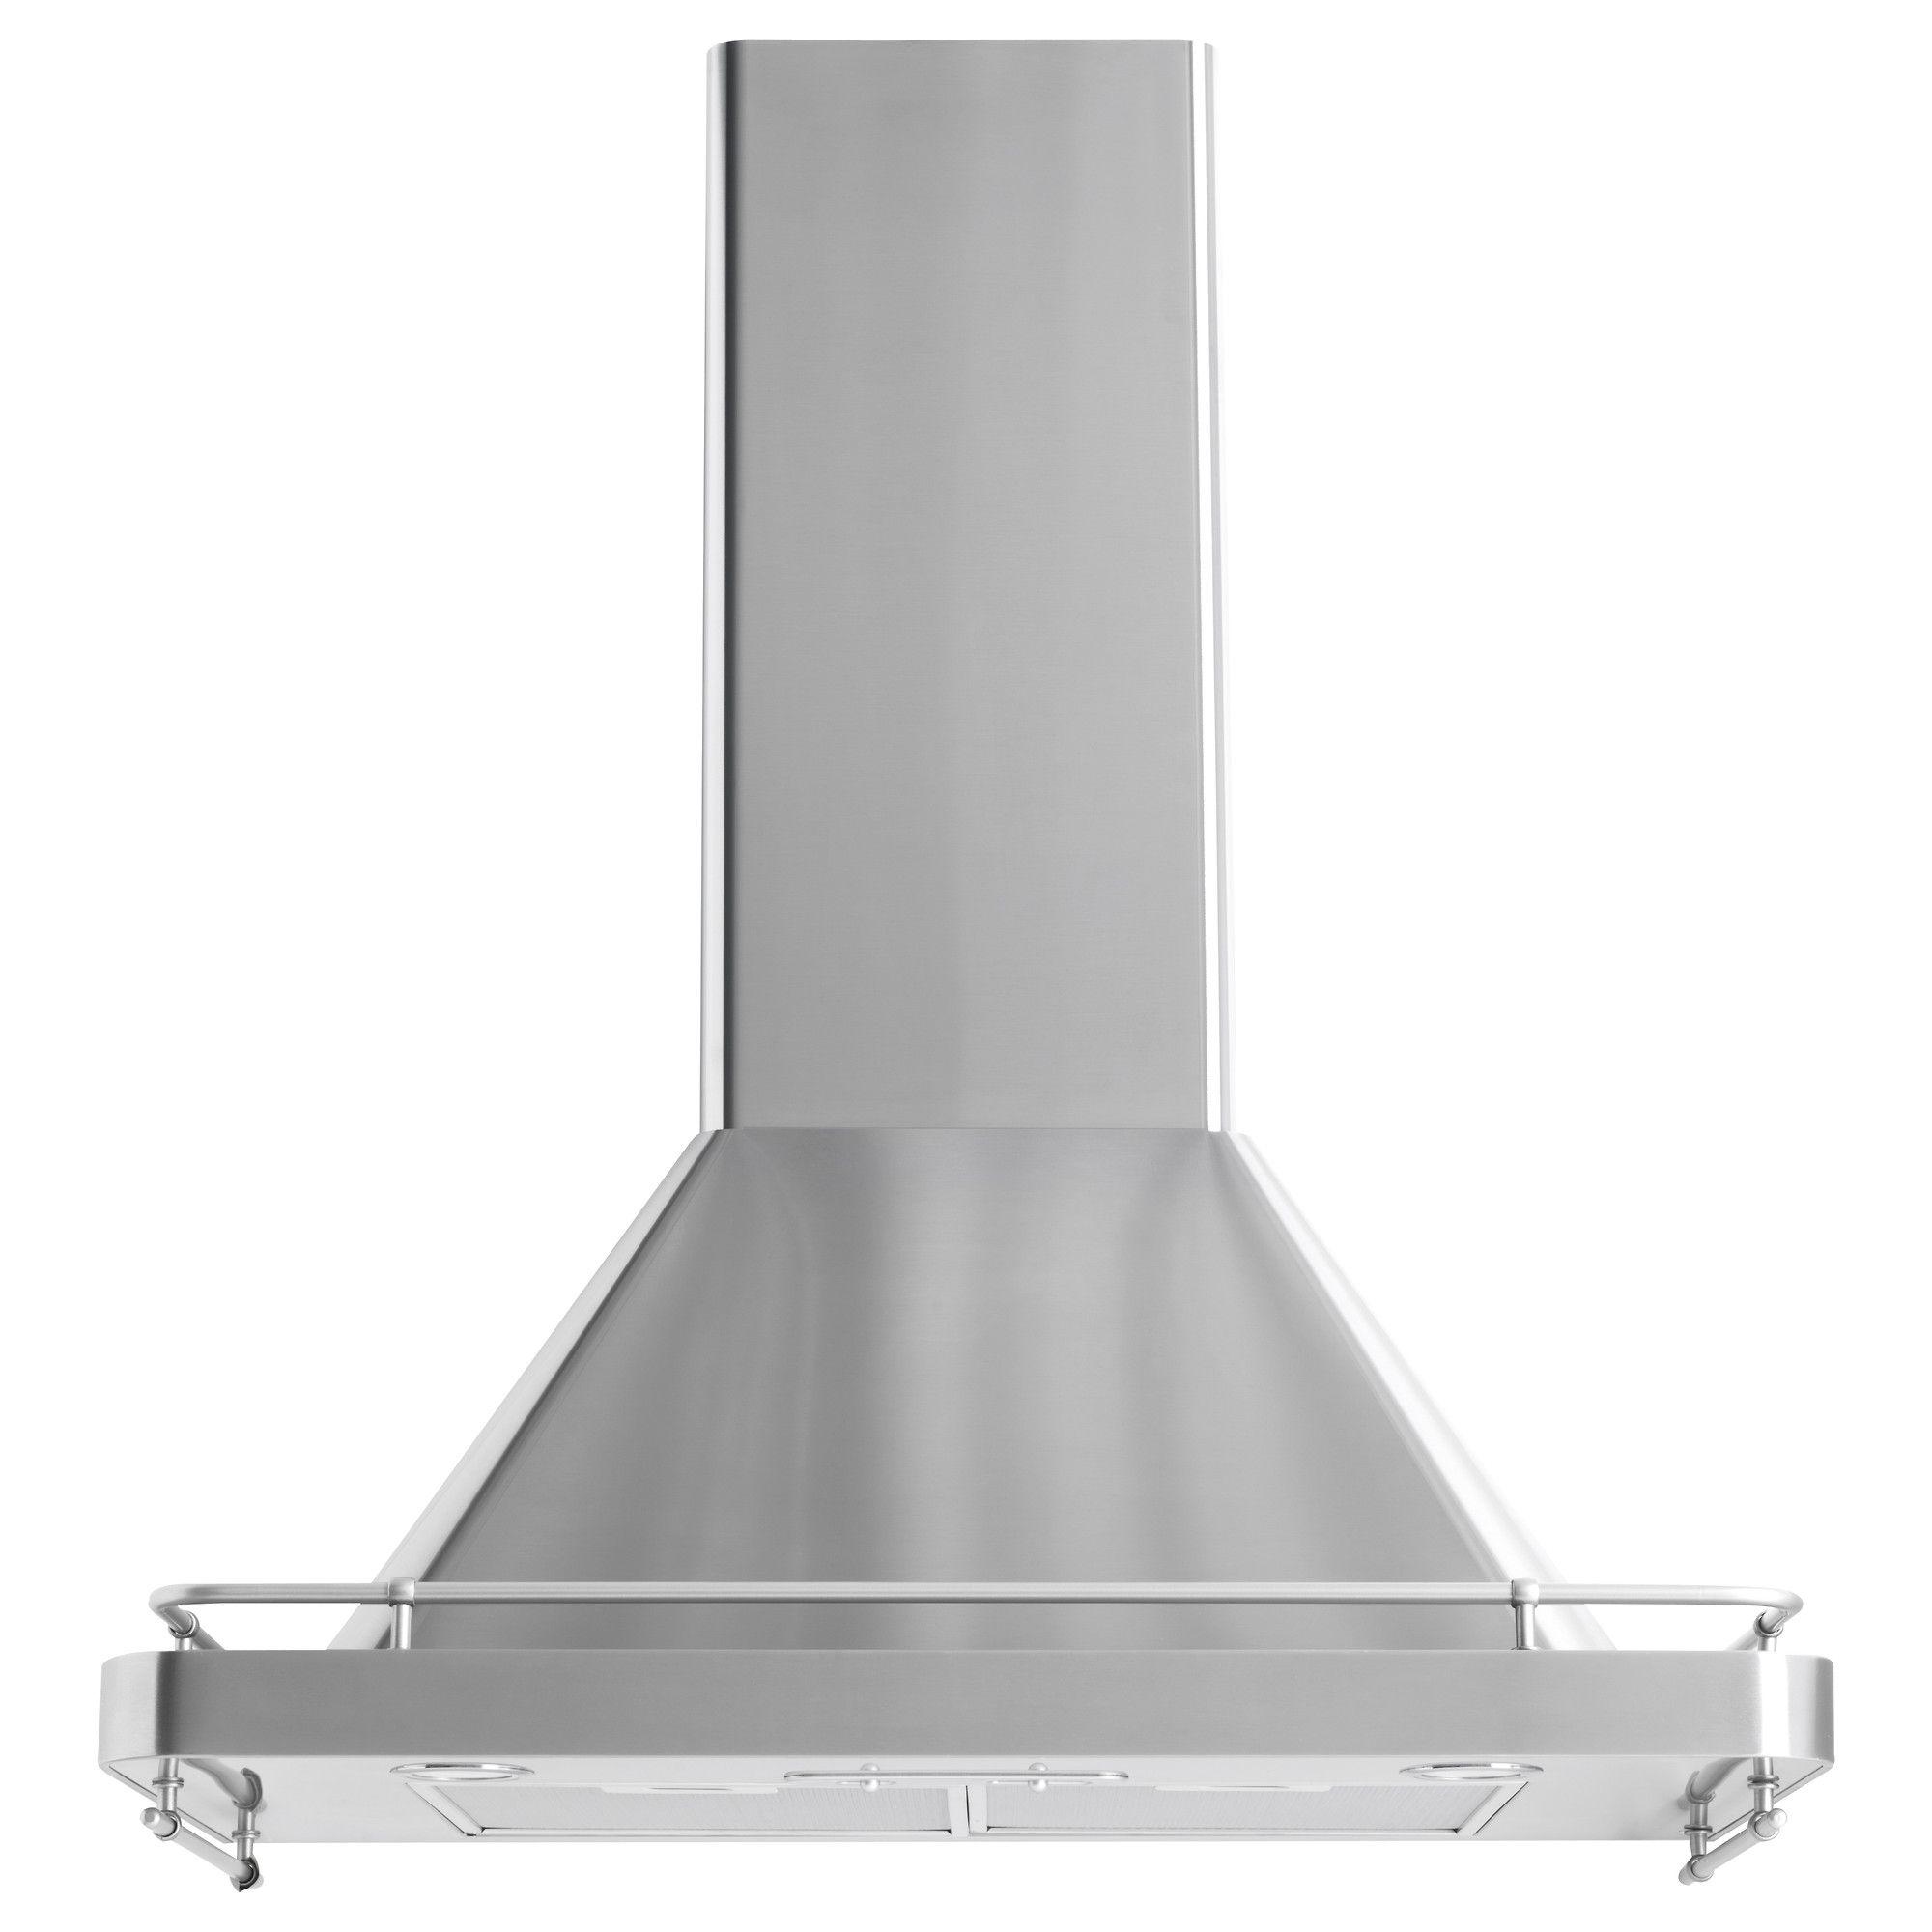 Ikea Kitchen Vent: DÅTID HW570 Köksfläkt - IKEA